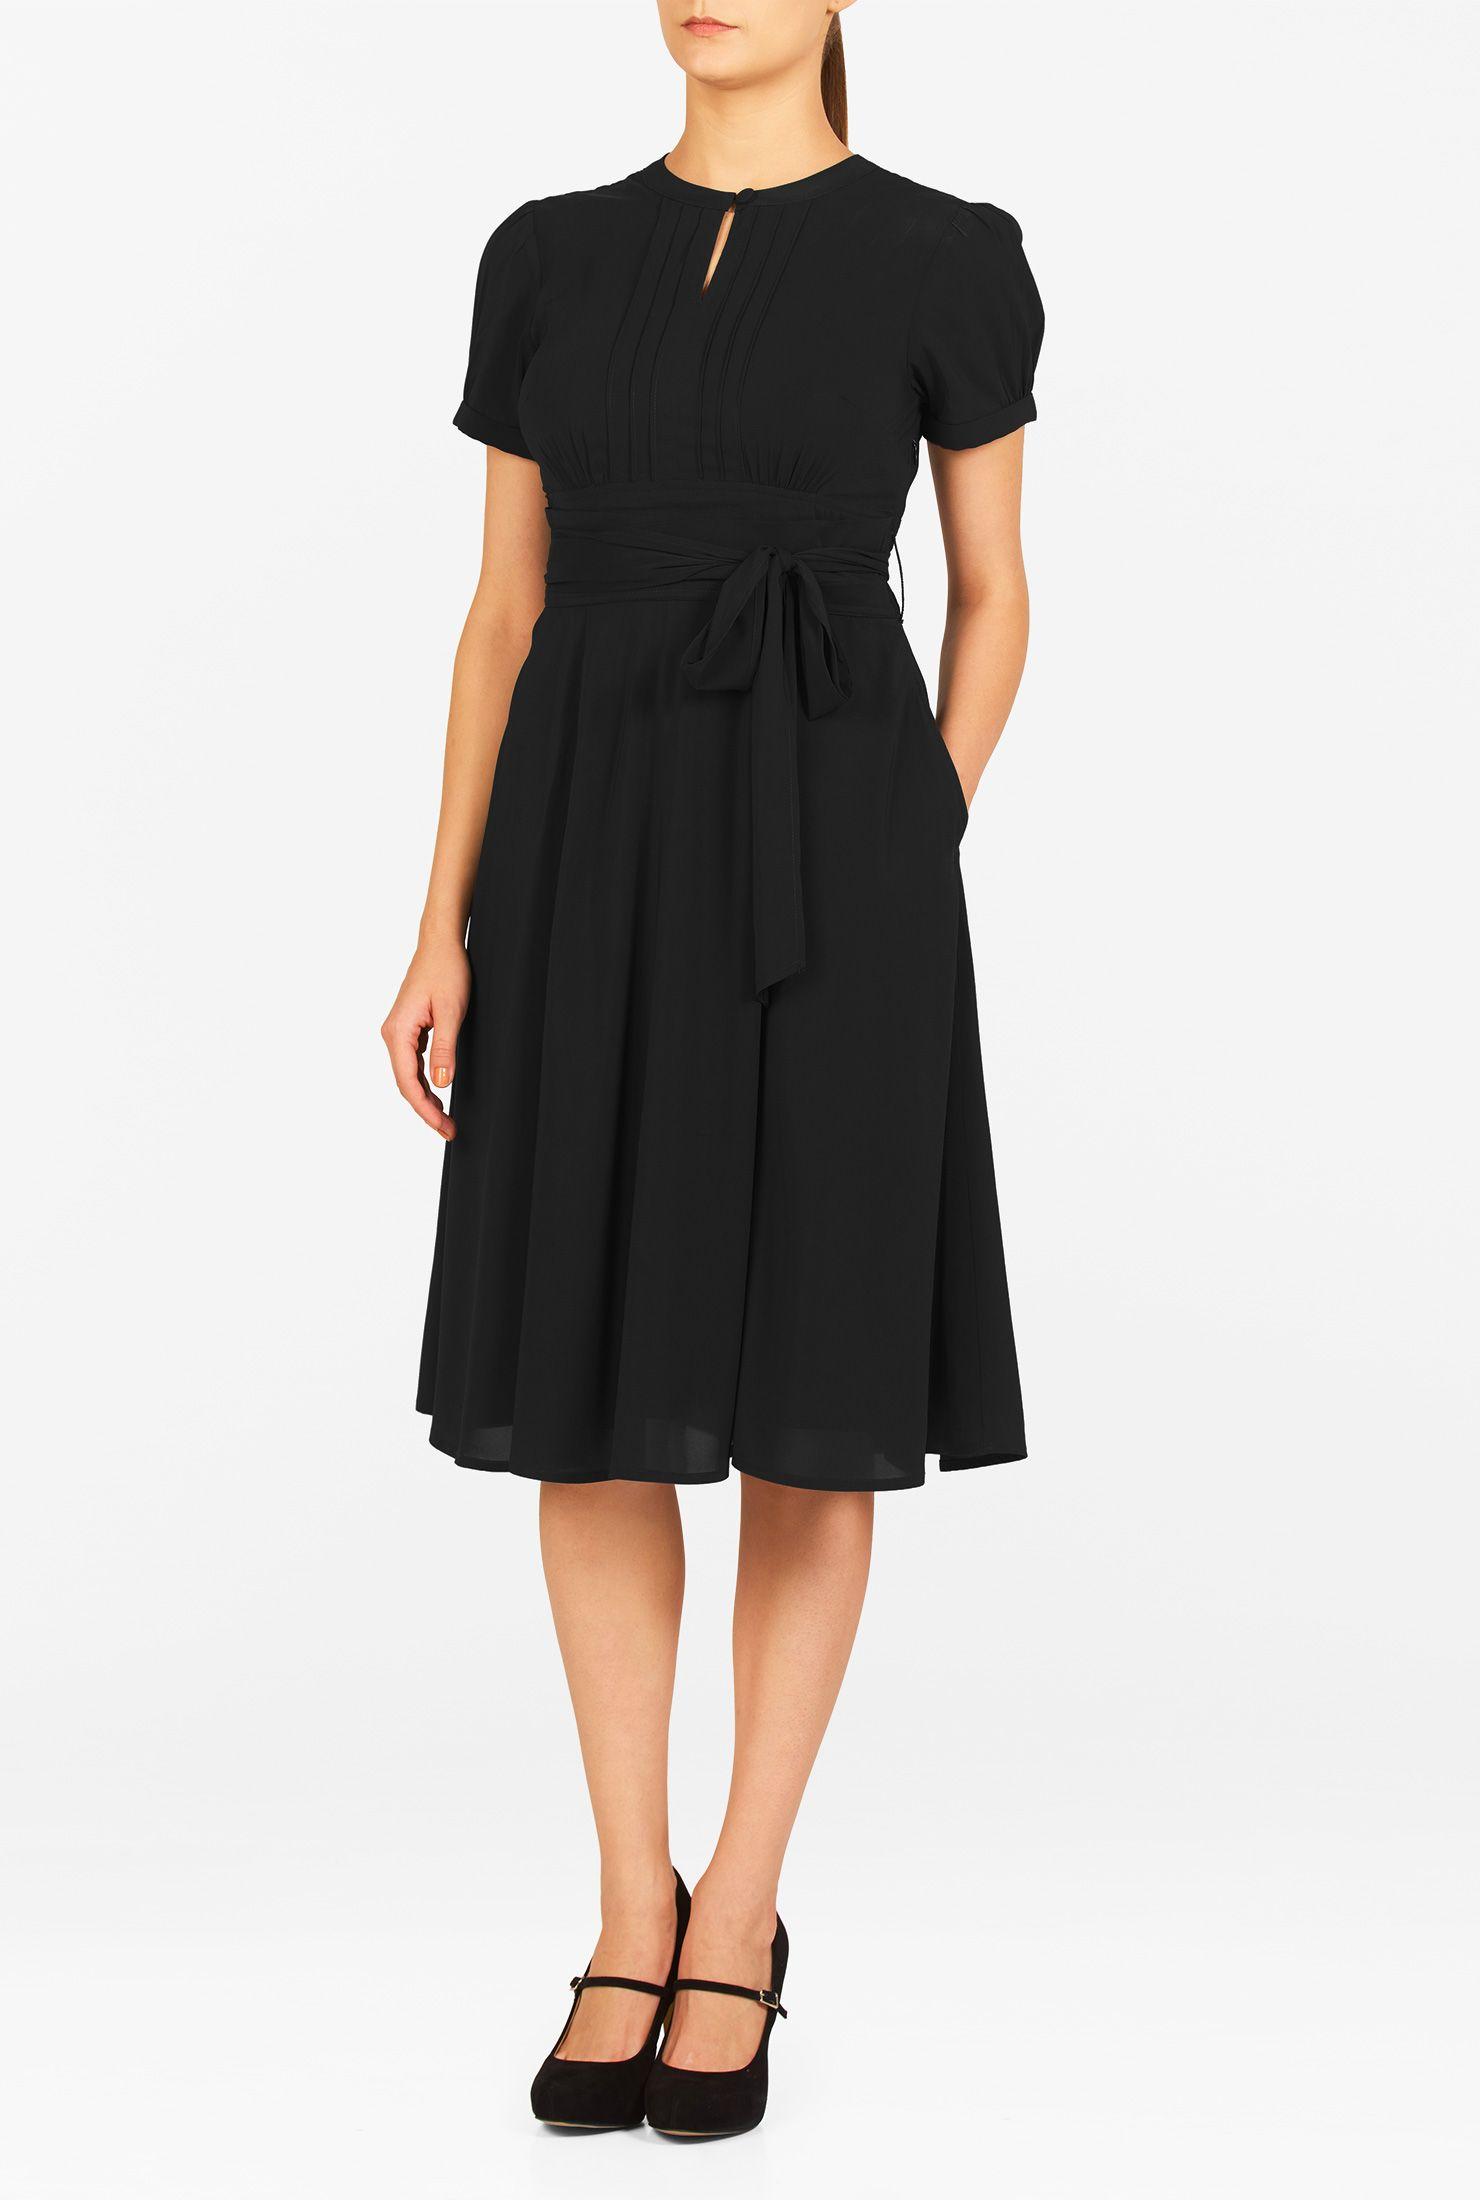 Below Knee Length Dresses Belted Dresses Black Dresses Inset Waist Dresses Keyhole Dresses Machine Wash Dresses Mid Weight Dresses Pleated Dresses Plu [ 2200 x 1480 Pixel ]